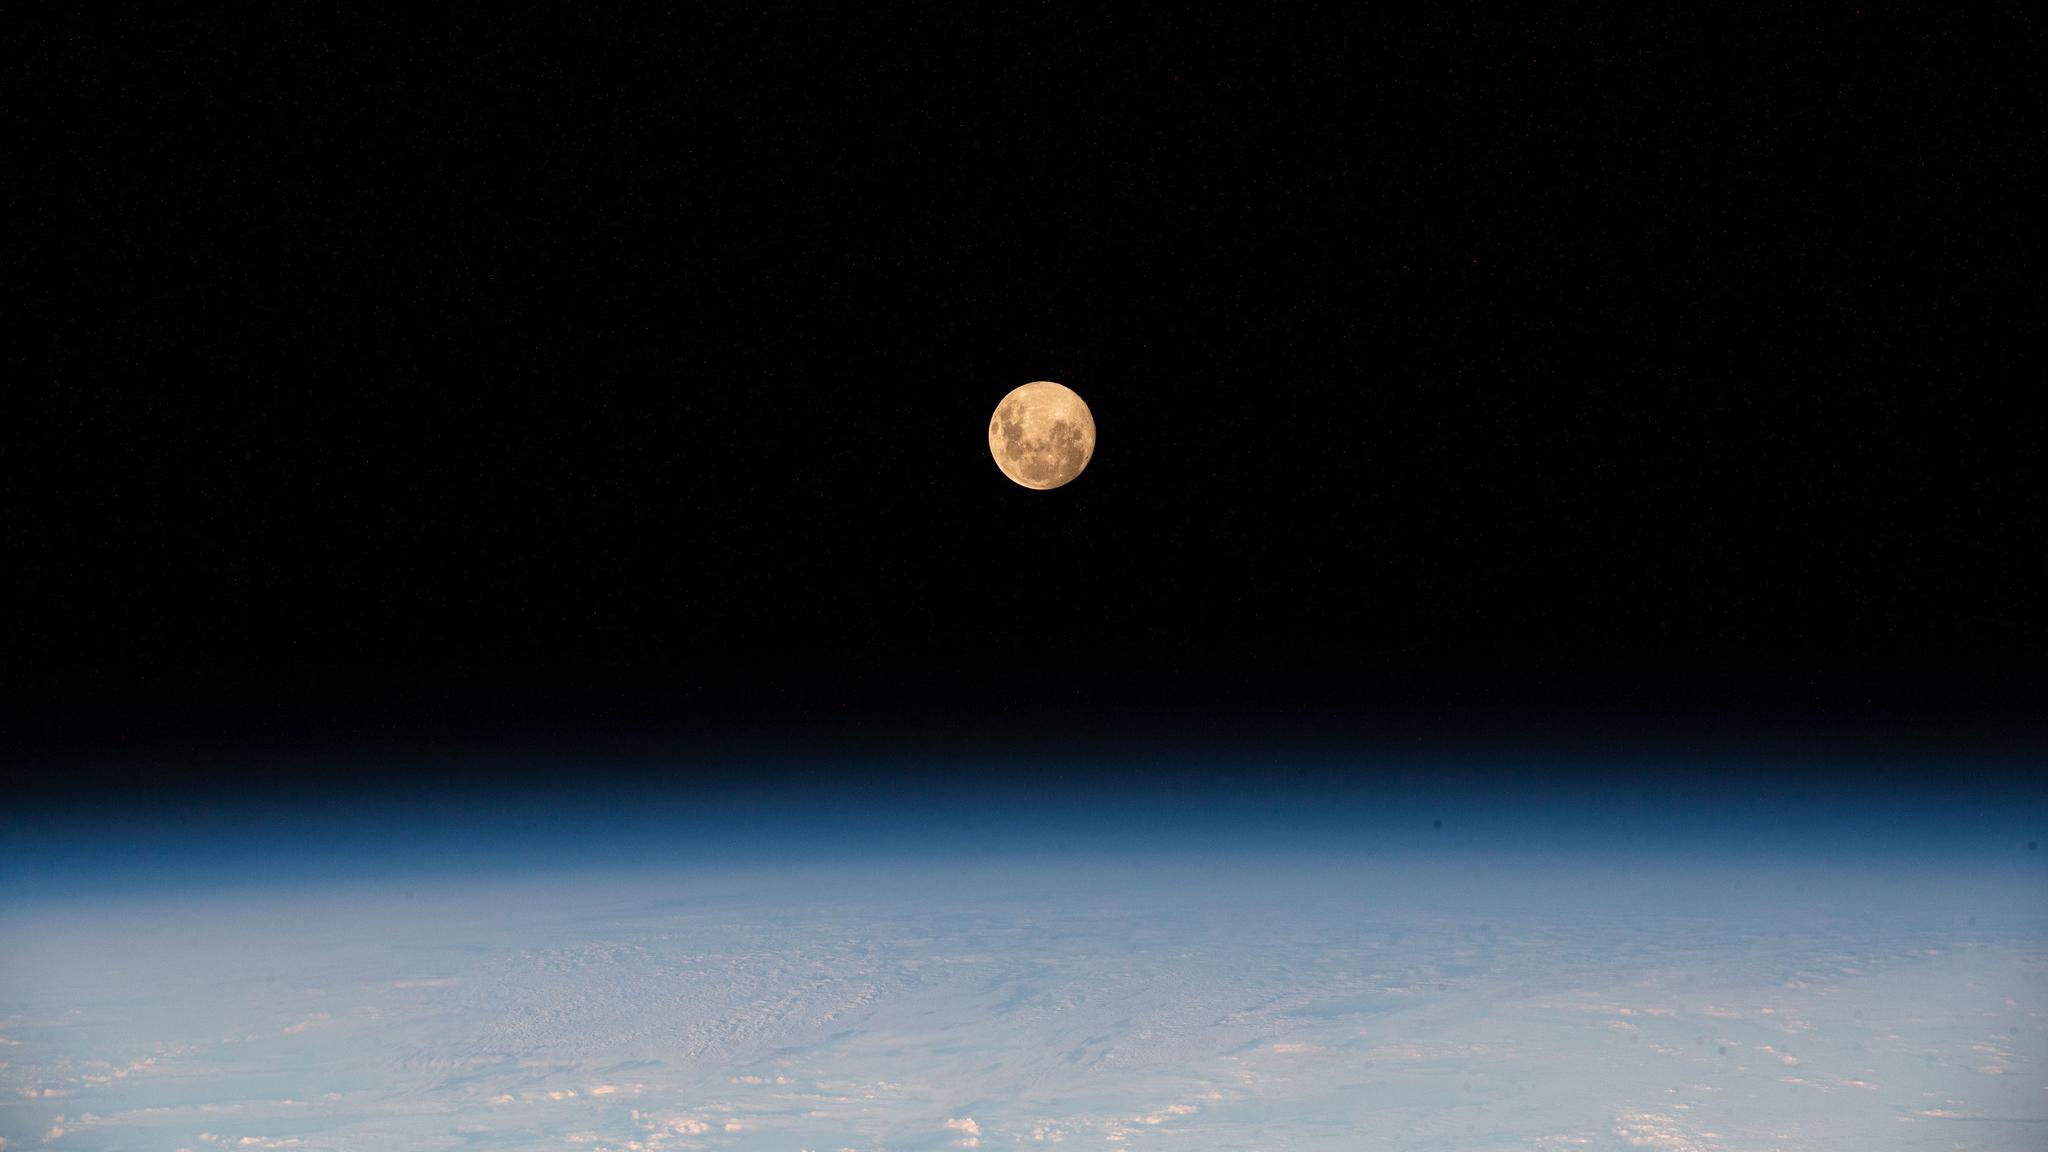 La Super Lune Rose du 26 avril 2021 est vue depuis la Station spatiale internationale, alors qu'elle tournait autour de 430 kilomètres au-dessus du sud de l'océan Indien.